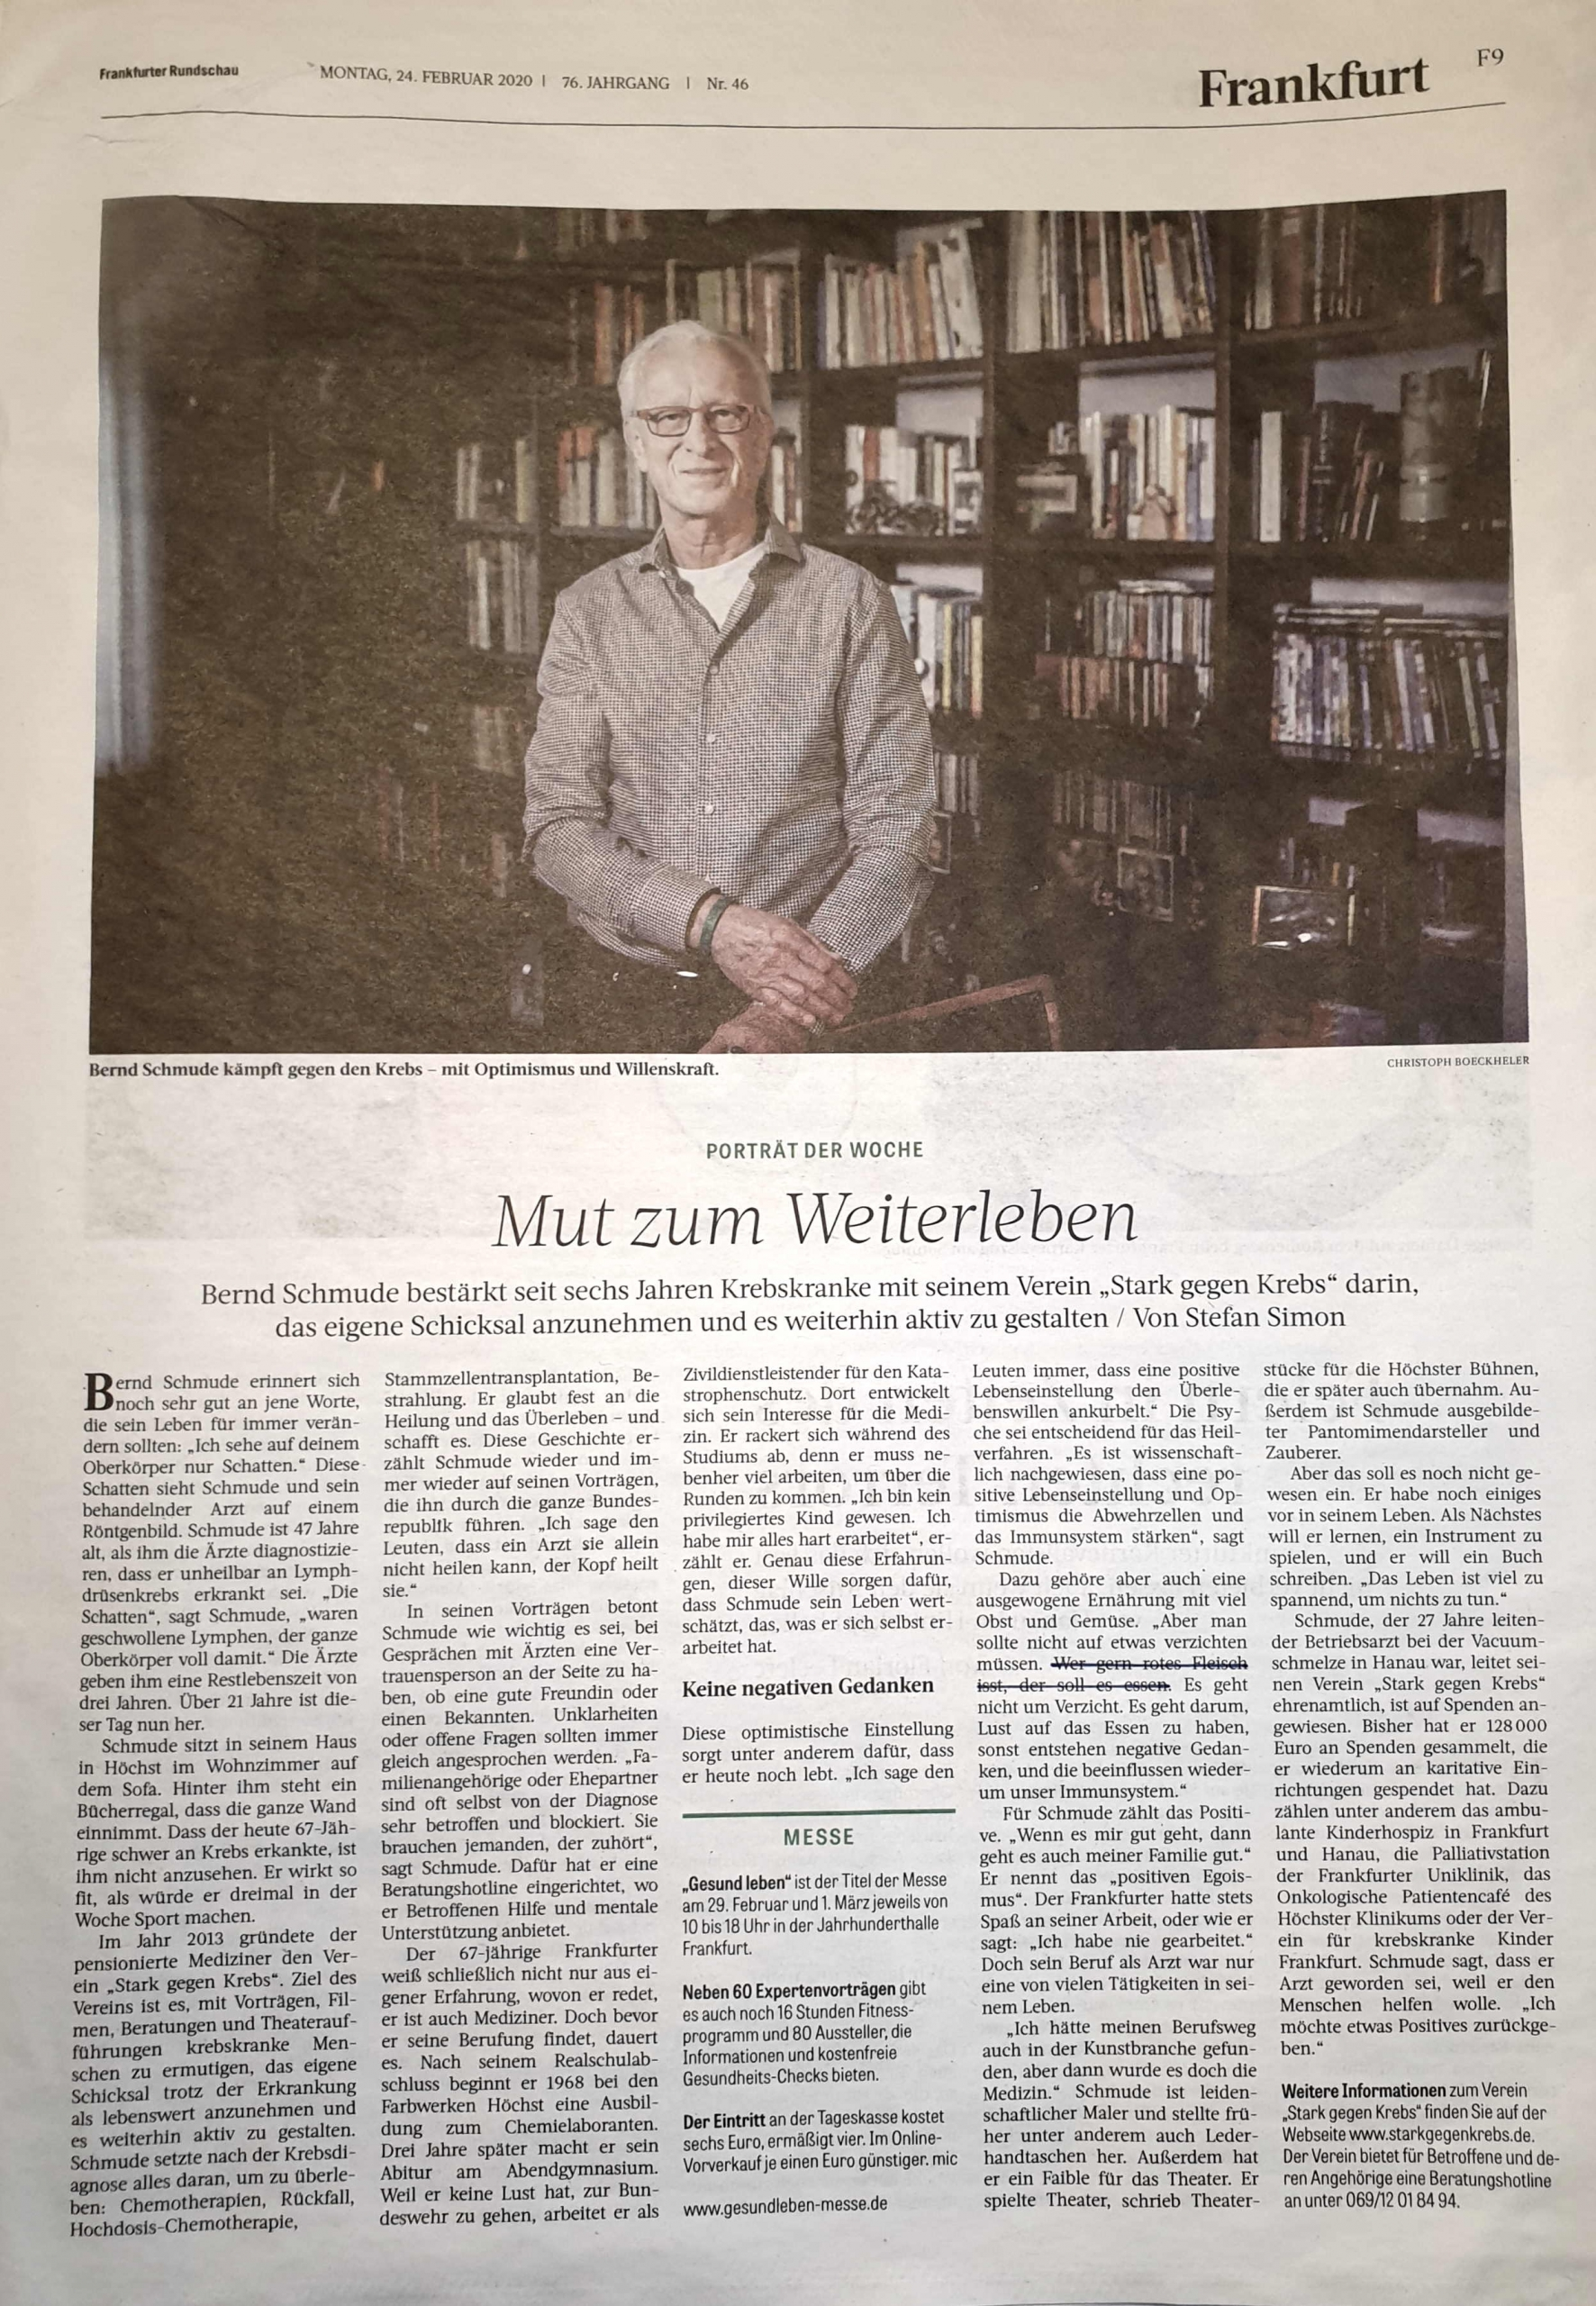 Frankfurter Rundschau Artikel vom 24.02.2020